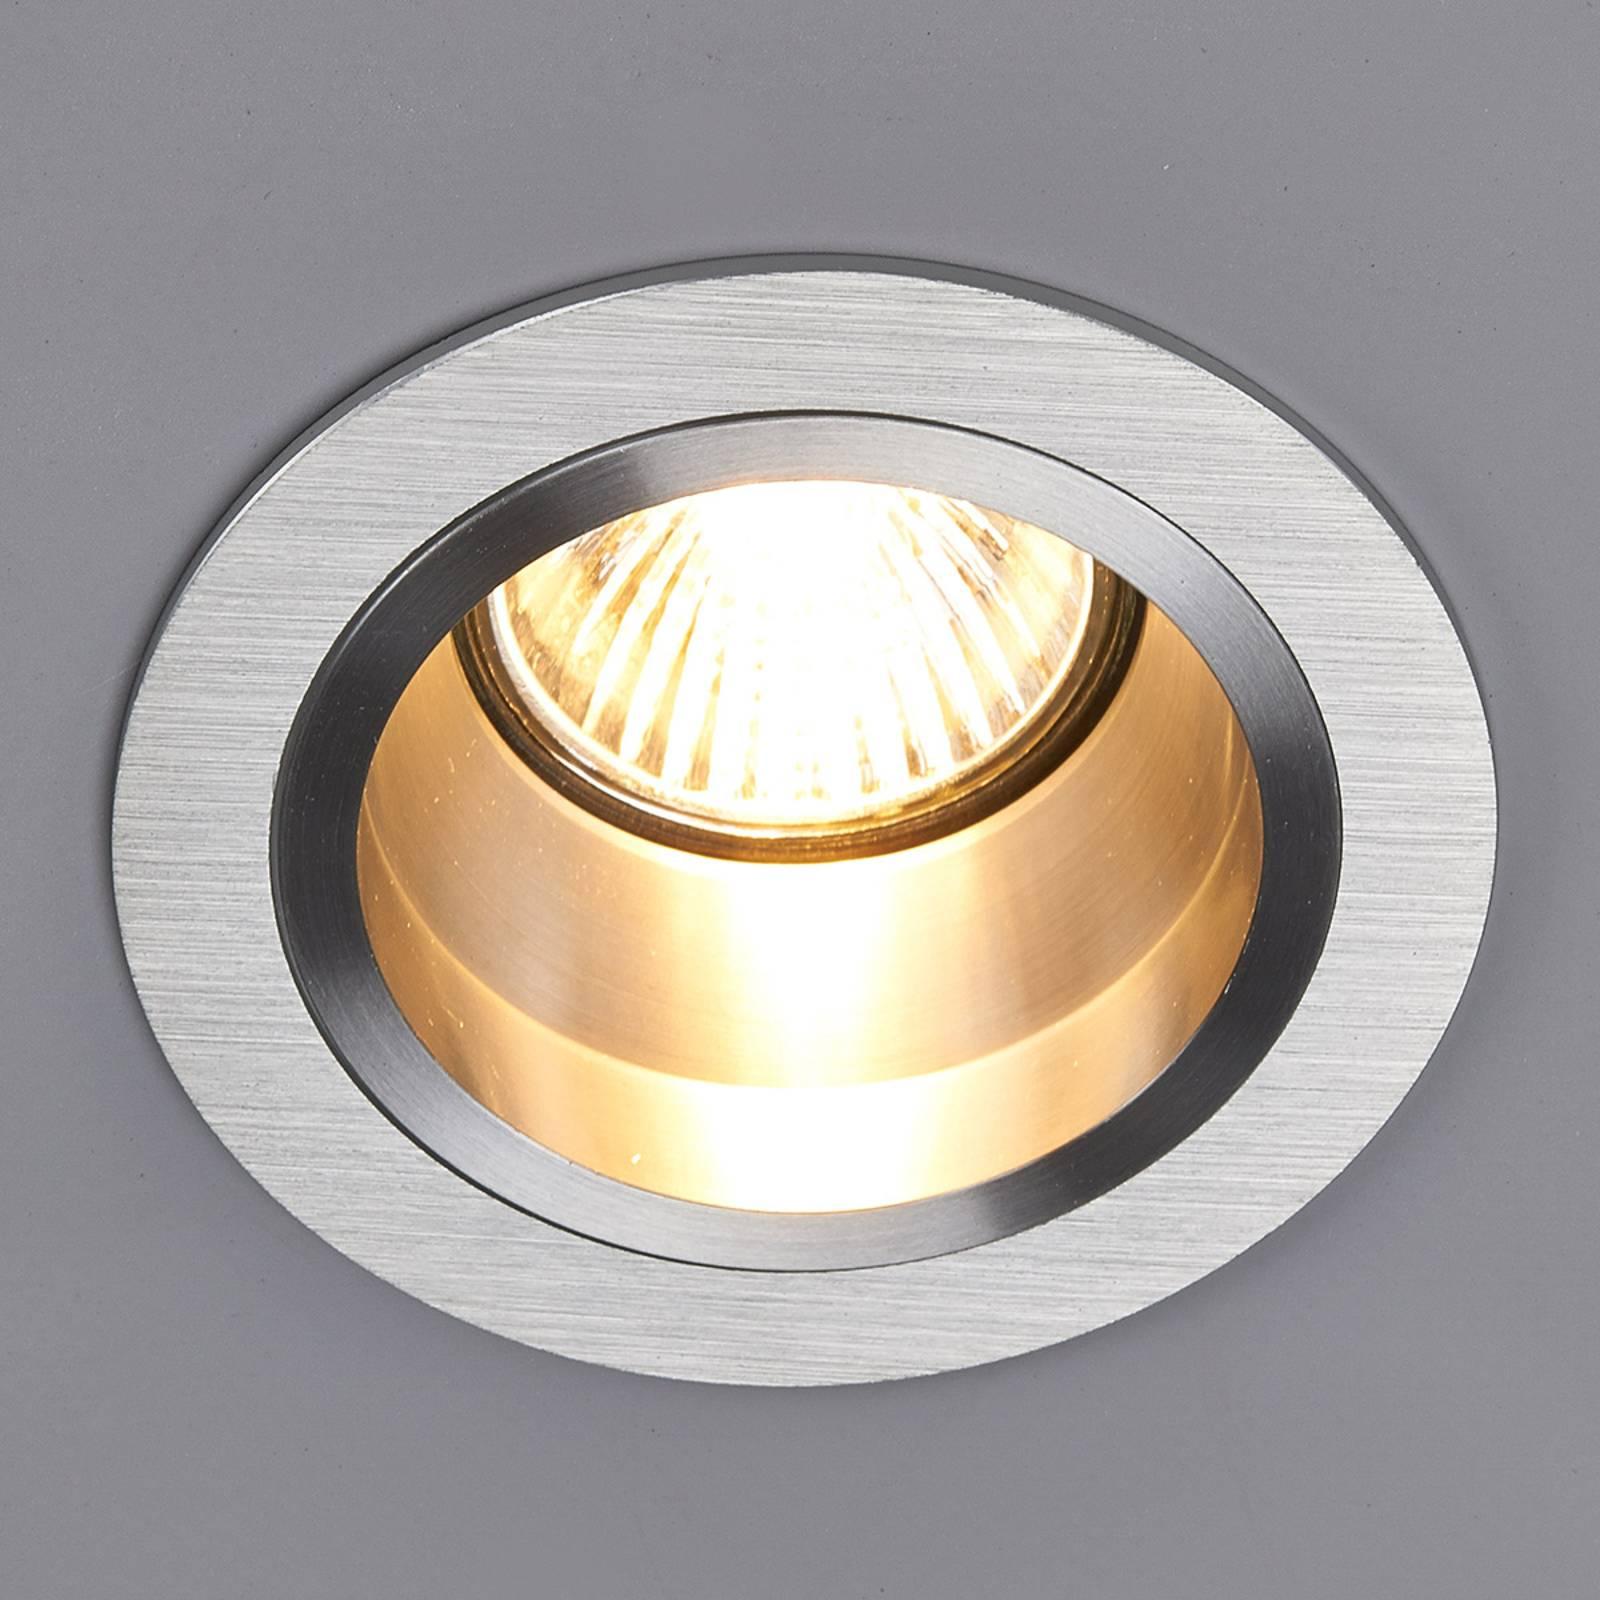 Soley - lampada da incasso tonda GU10